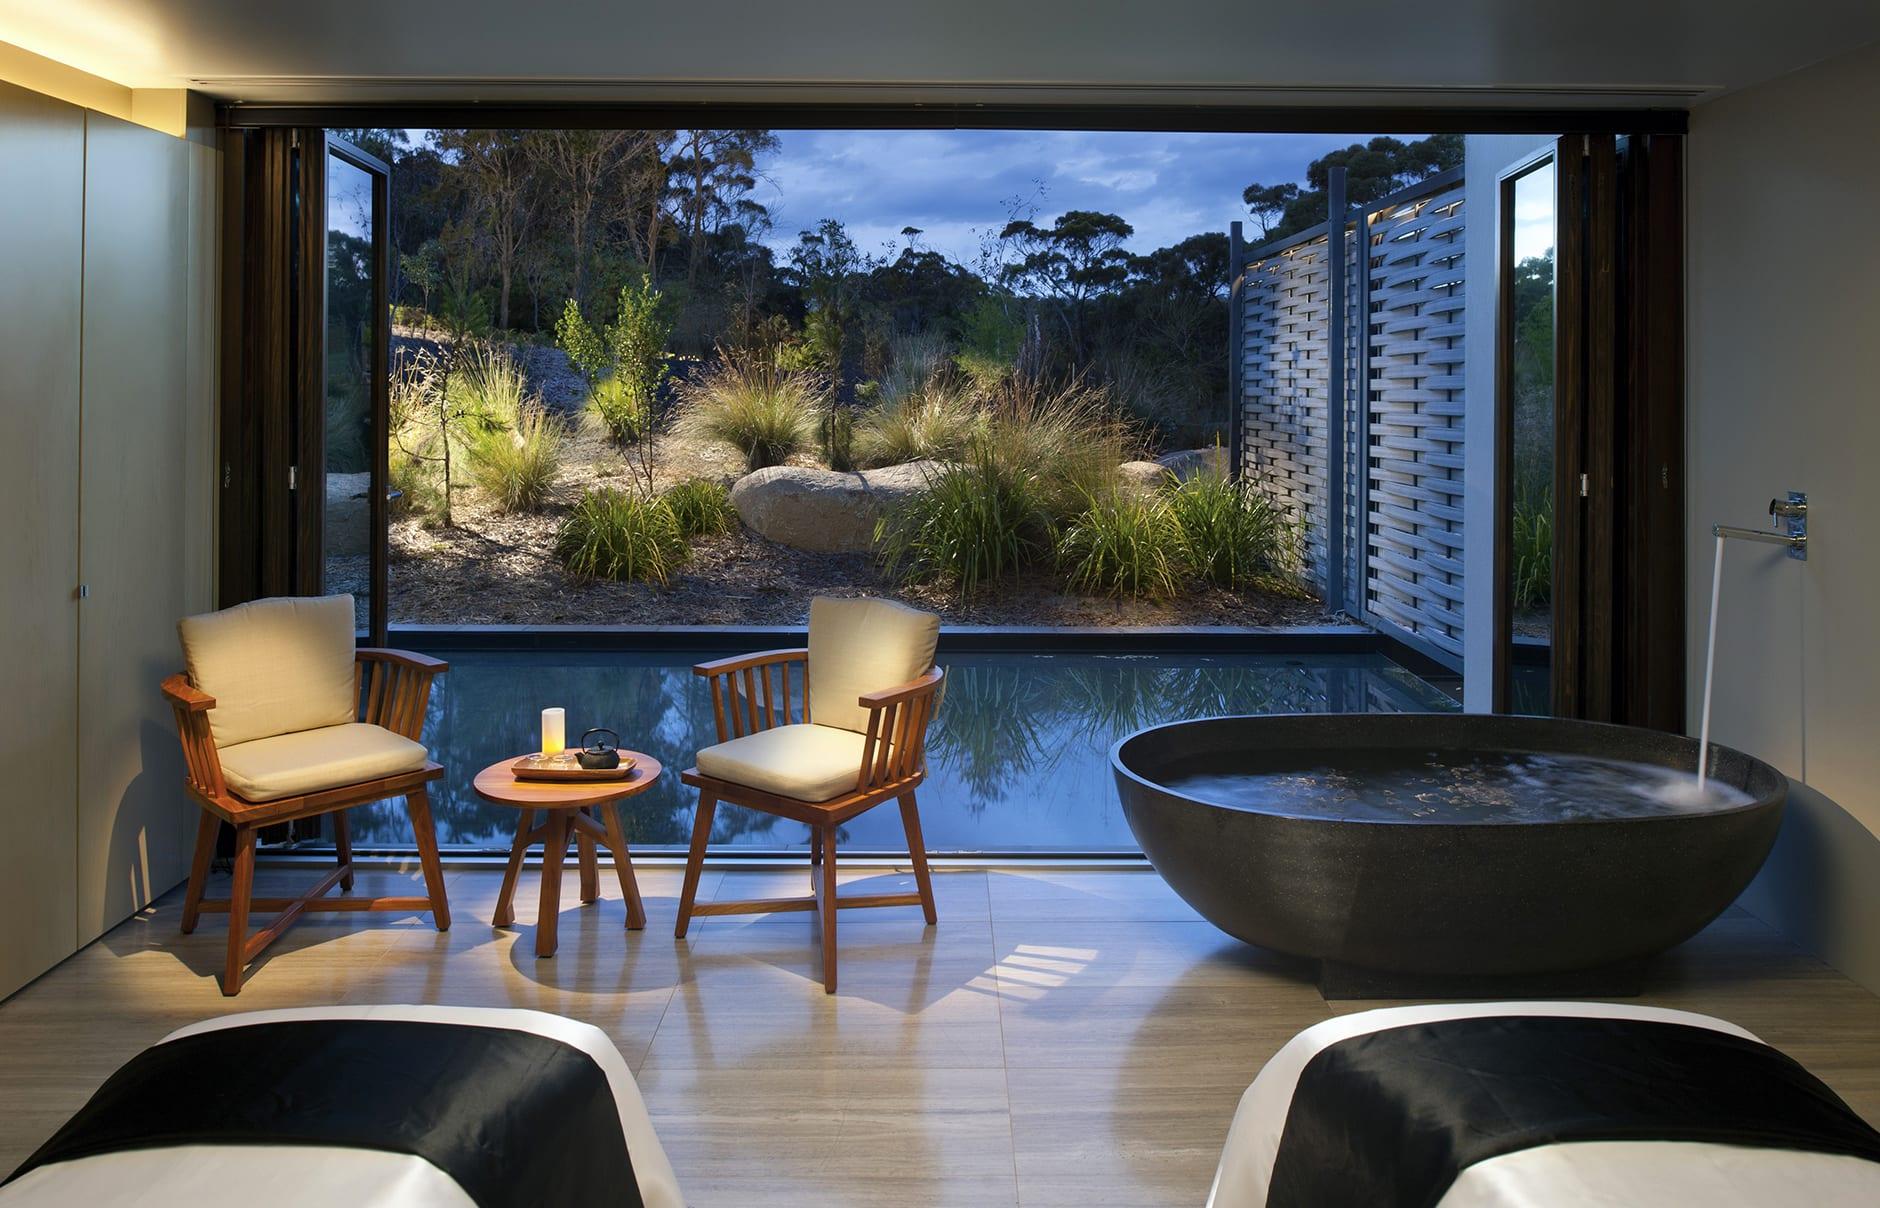 Saffire Freycinet, Tasmania, Australia. Hotel Review by TravelPlusStyle. Photo © Saffire Freycinet